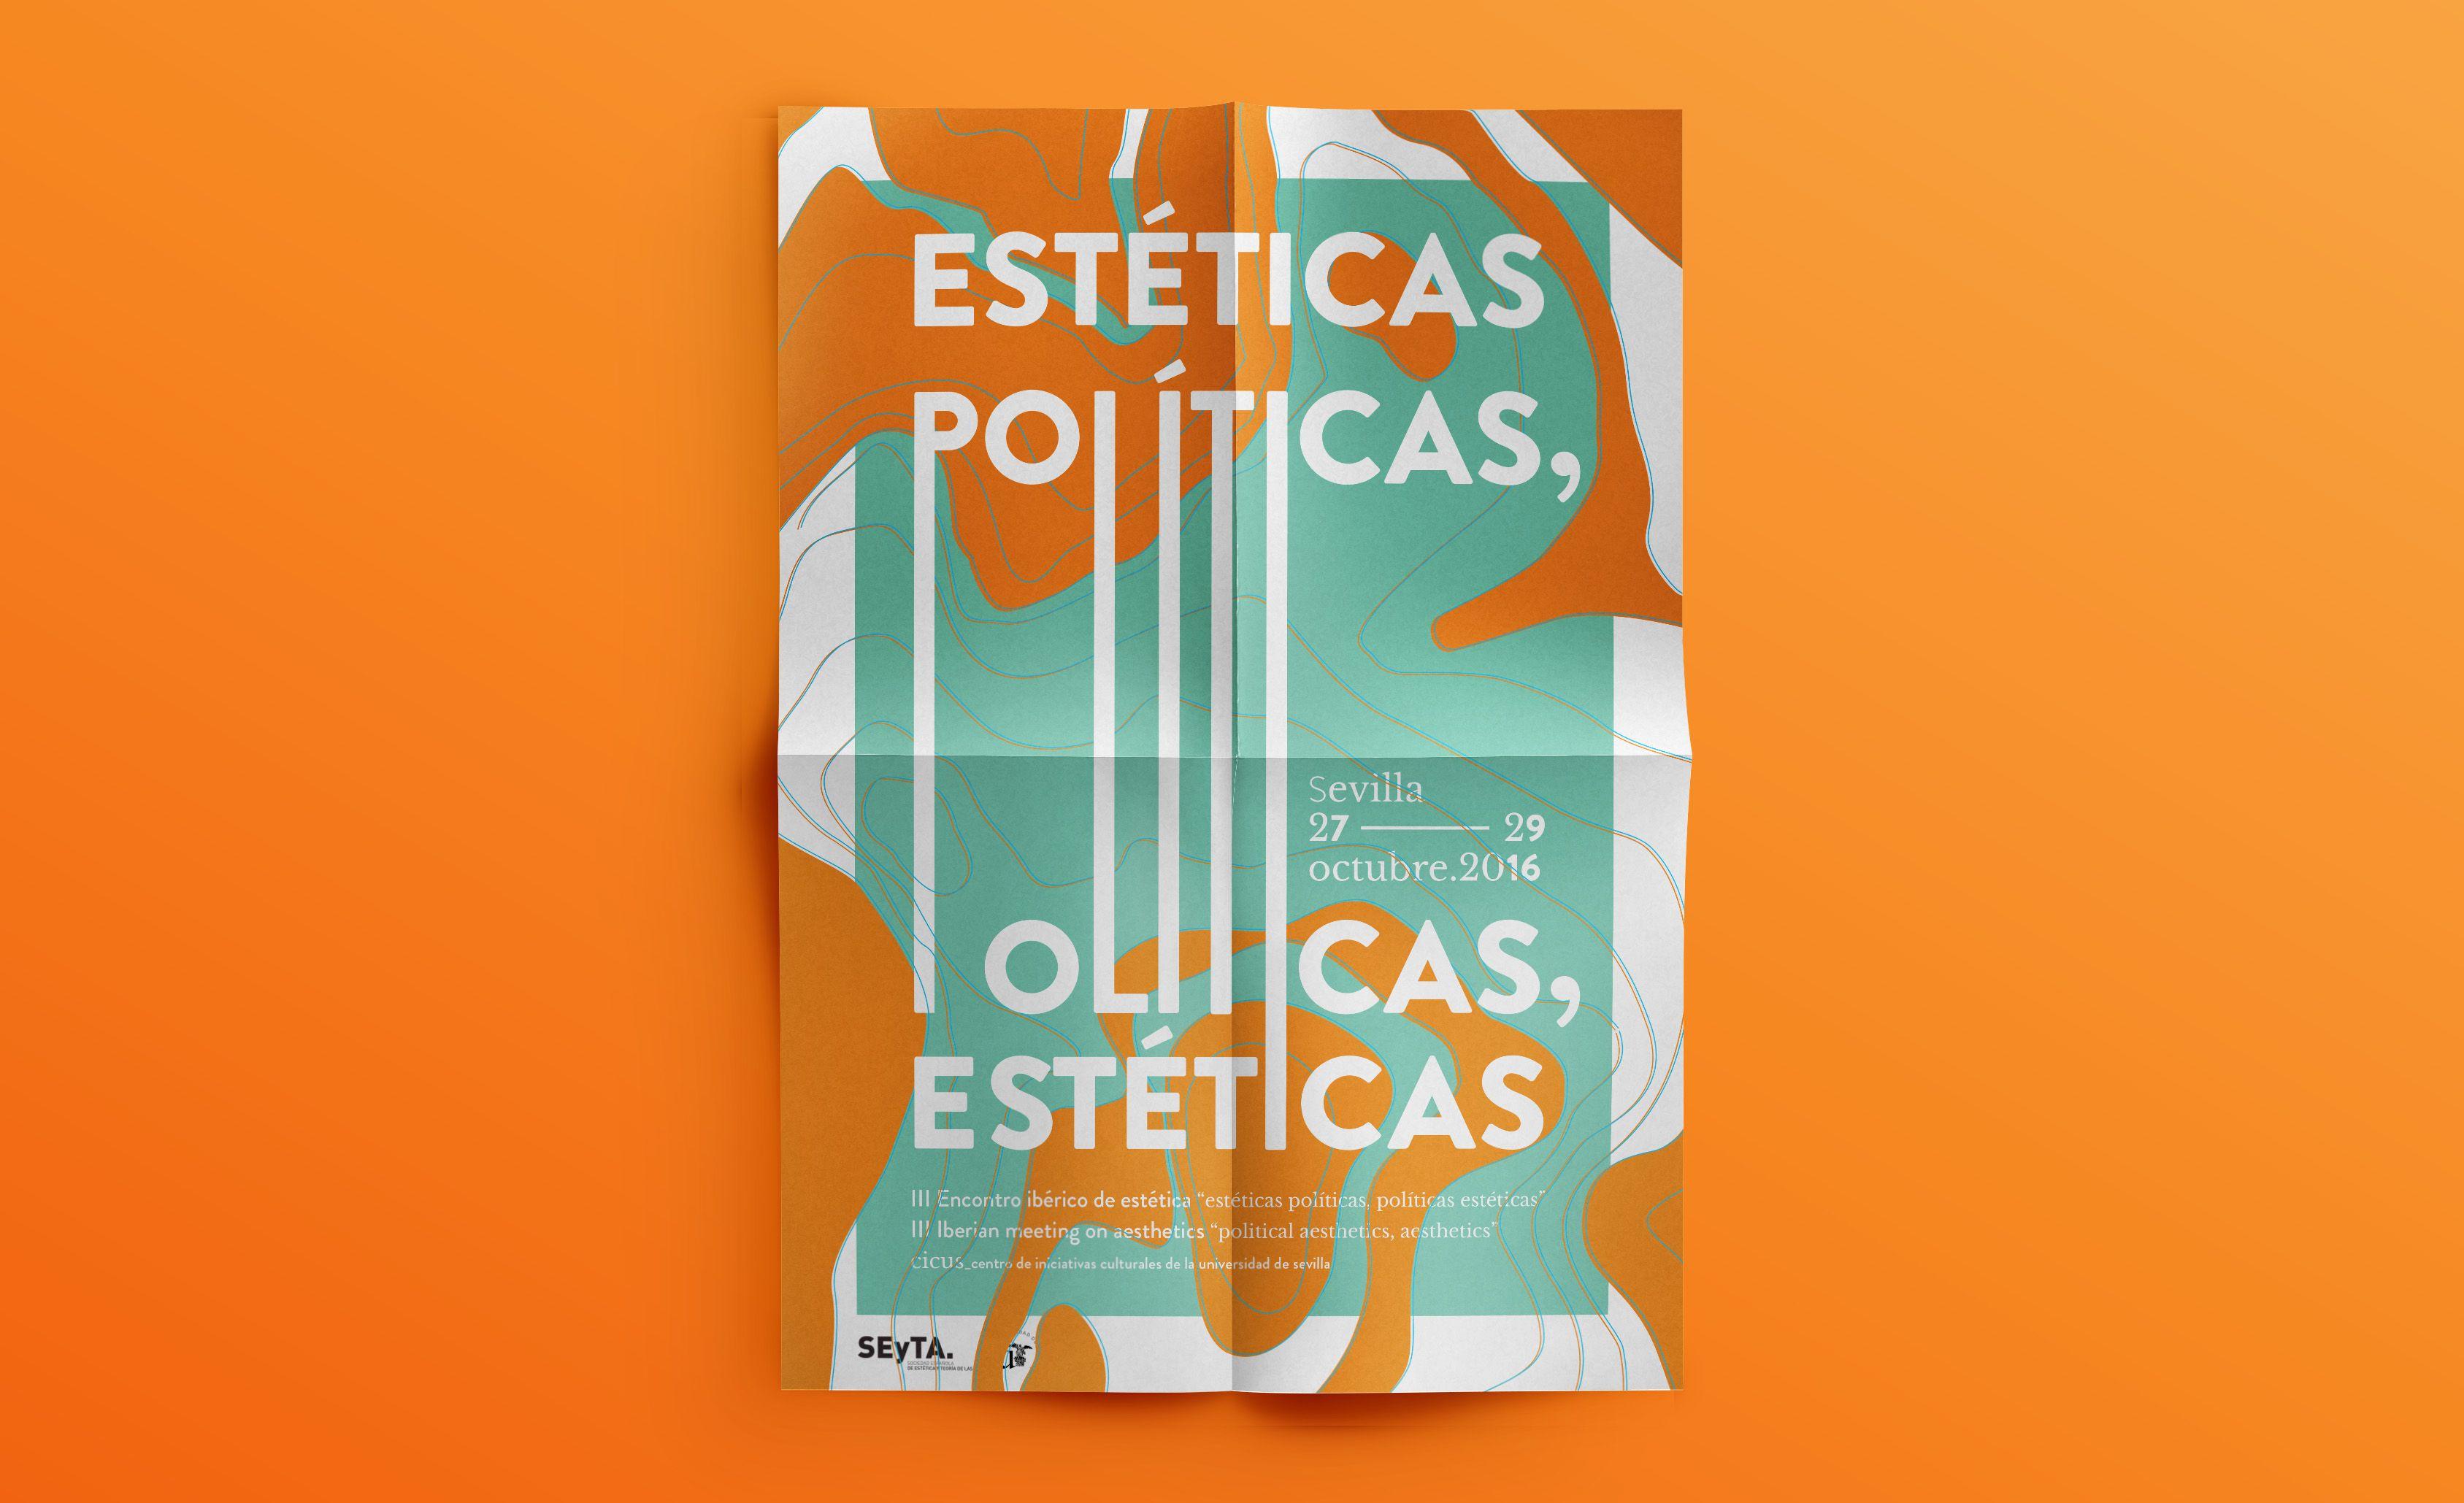 """Projeto de identidade visual fictício para evento """"III Encuentro Ibérico de Estética"""" realizado na cidade de Sevilha, Espanha. O processo foi acompanhado por Fernando Infante del Rosal, designer do estúdio El Golpe. Cultura del Entorno, também localizado …"""